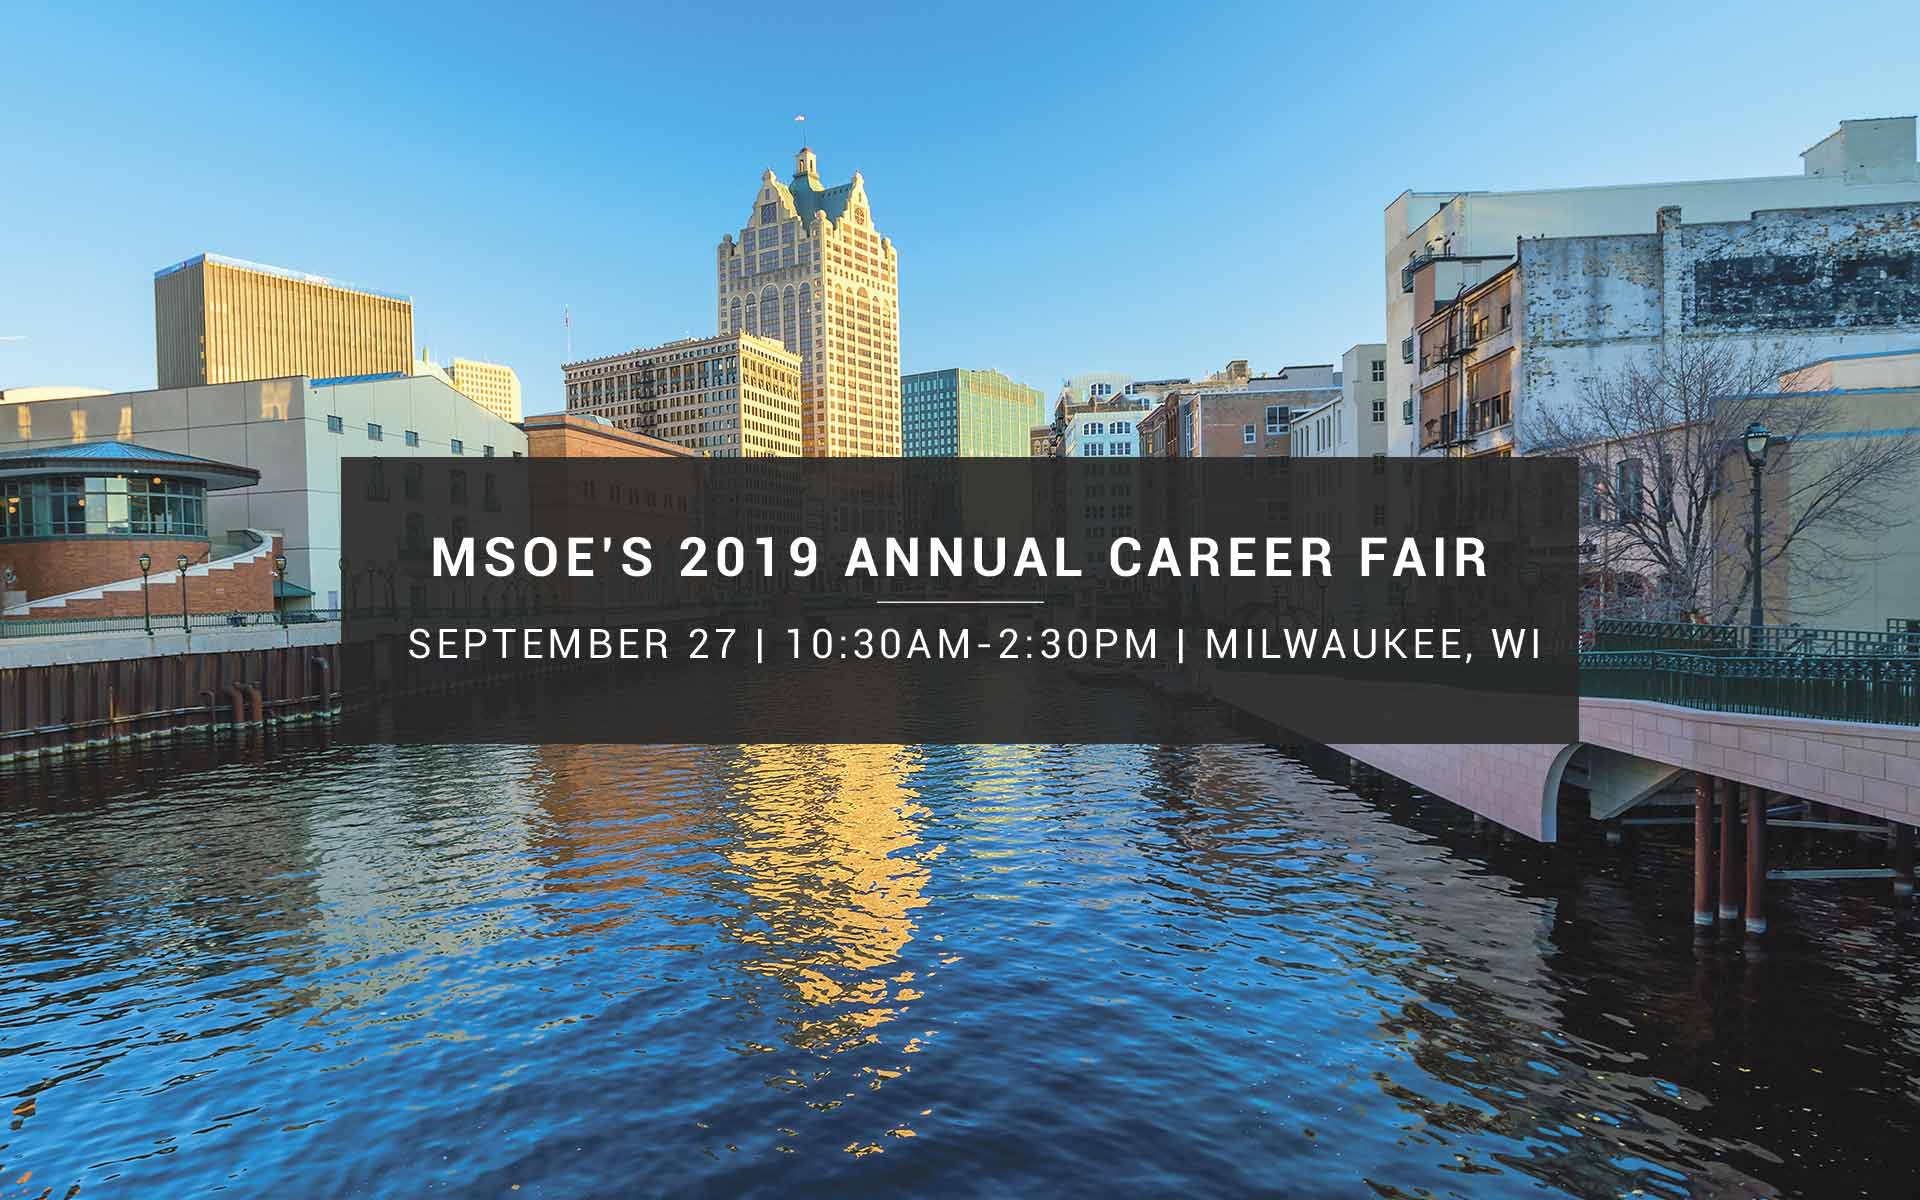 MSOE 2019 Annual Career Fair